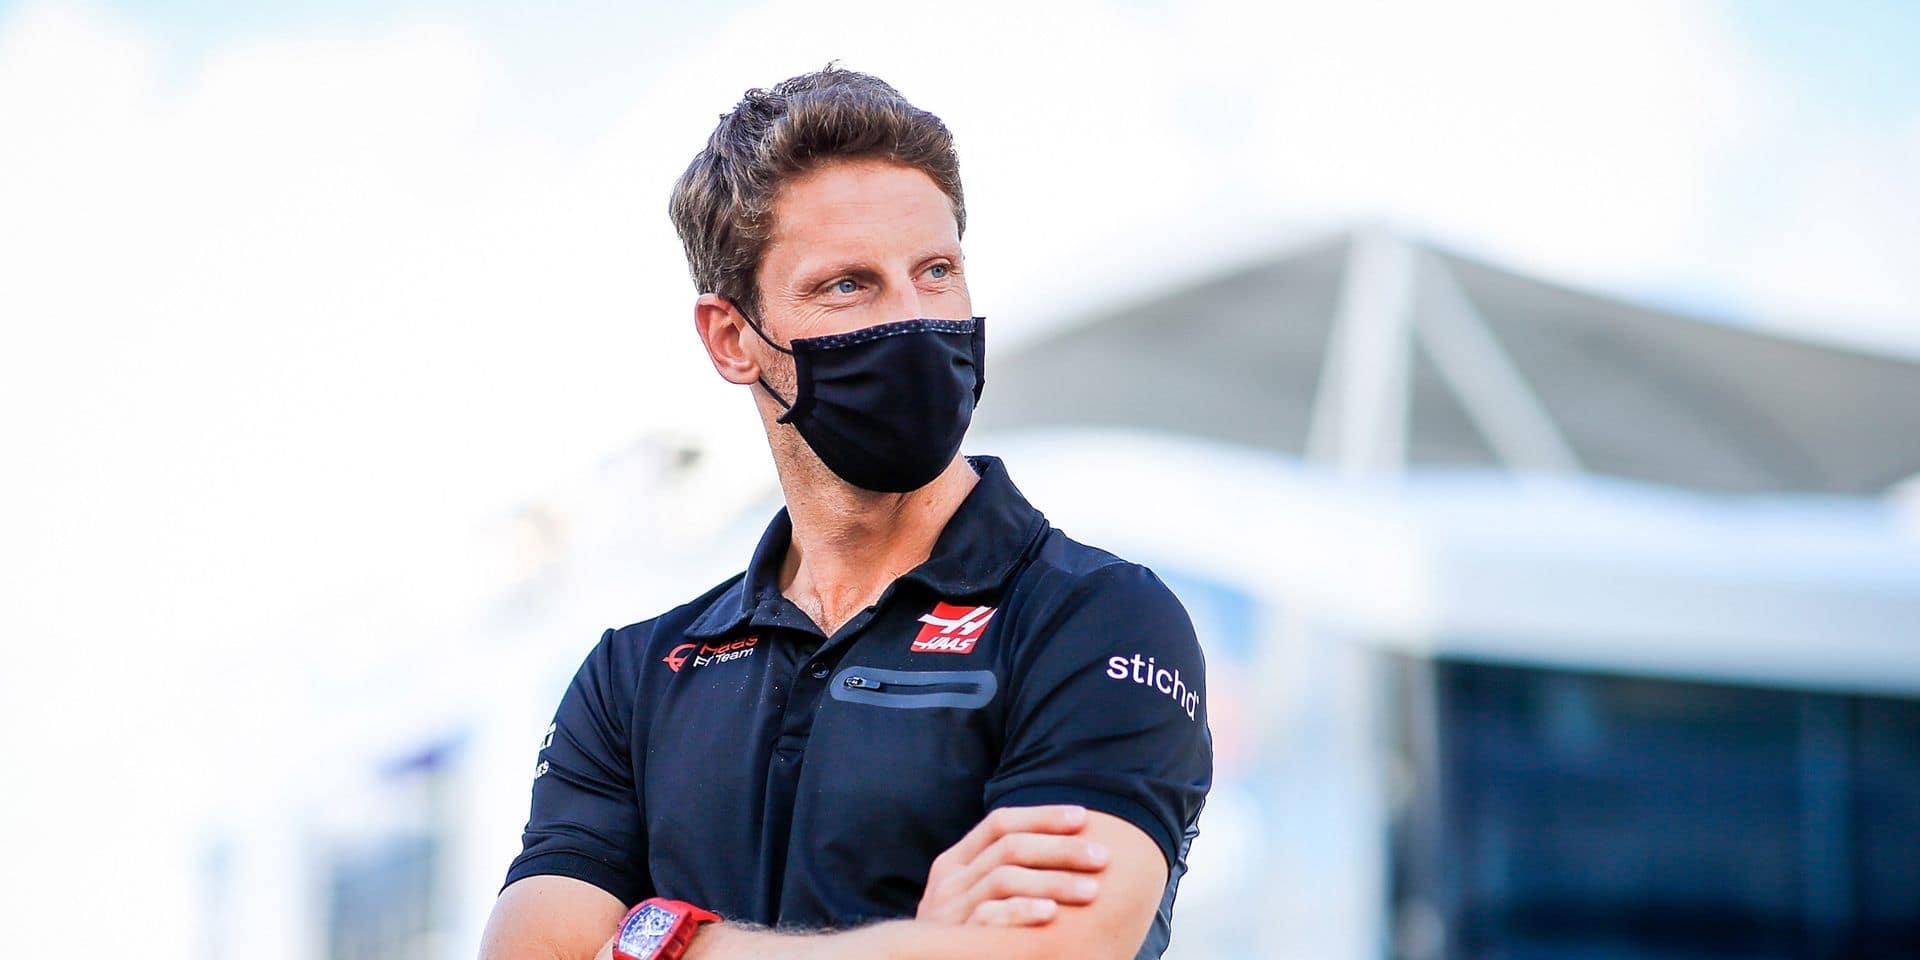 """Romain Grosjean donne des nouvelles rassurantes sur son état de santé: """"Bon sang, ça me rend super heureux !"""""""